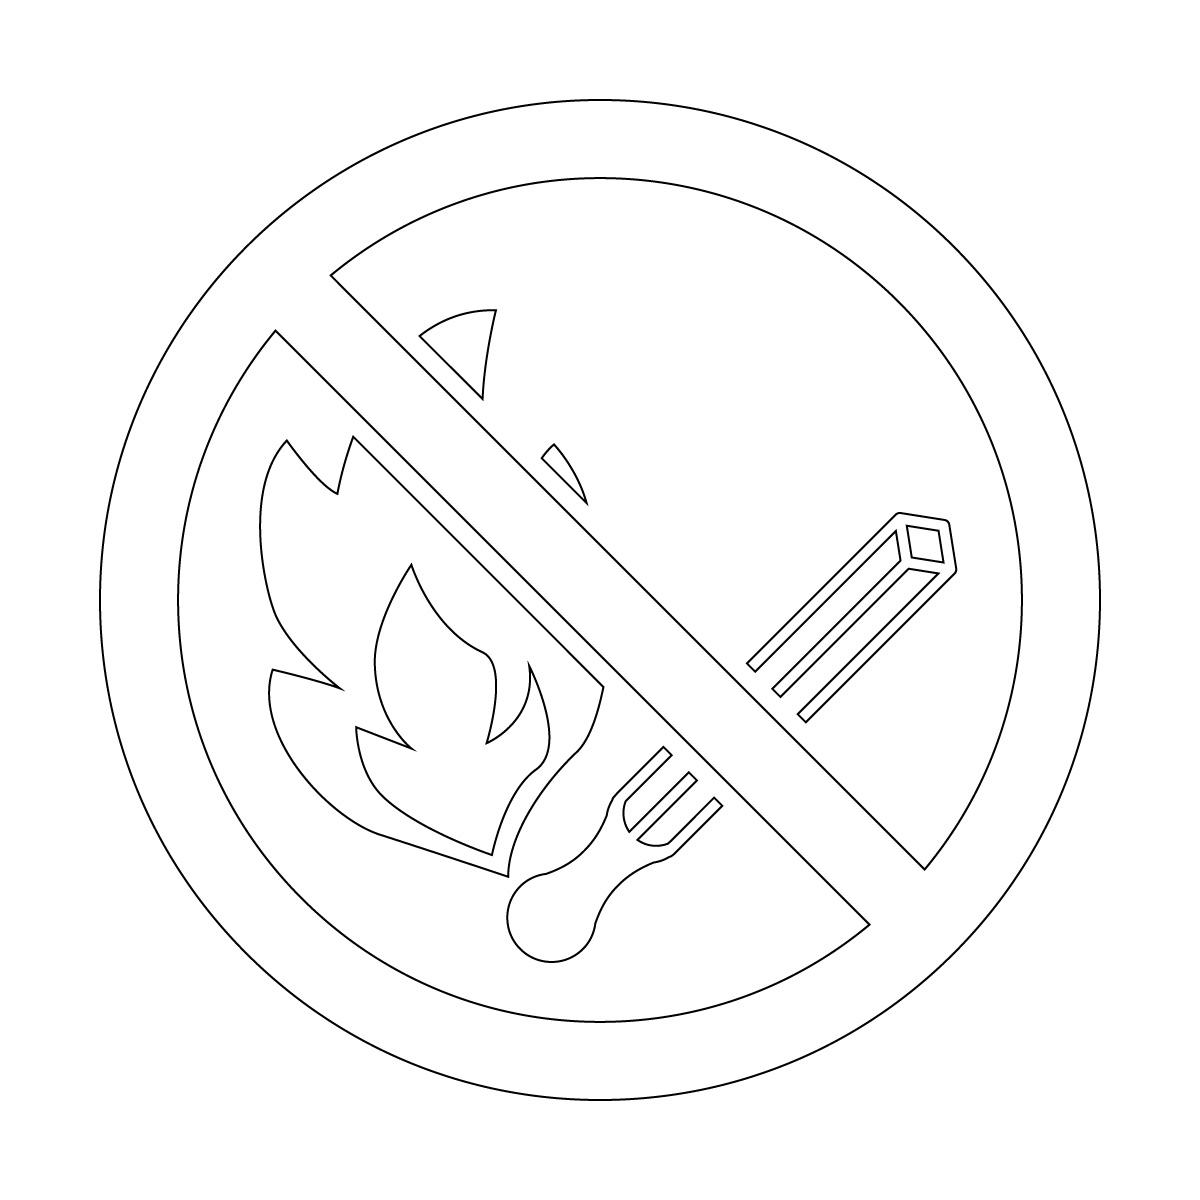 白色の火気厳禁・火の使用を禁止するマークのカッティングステッカー・シール